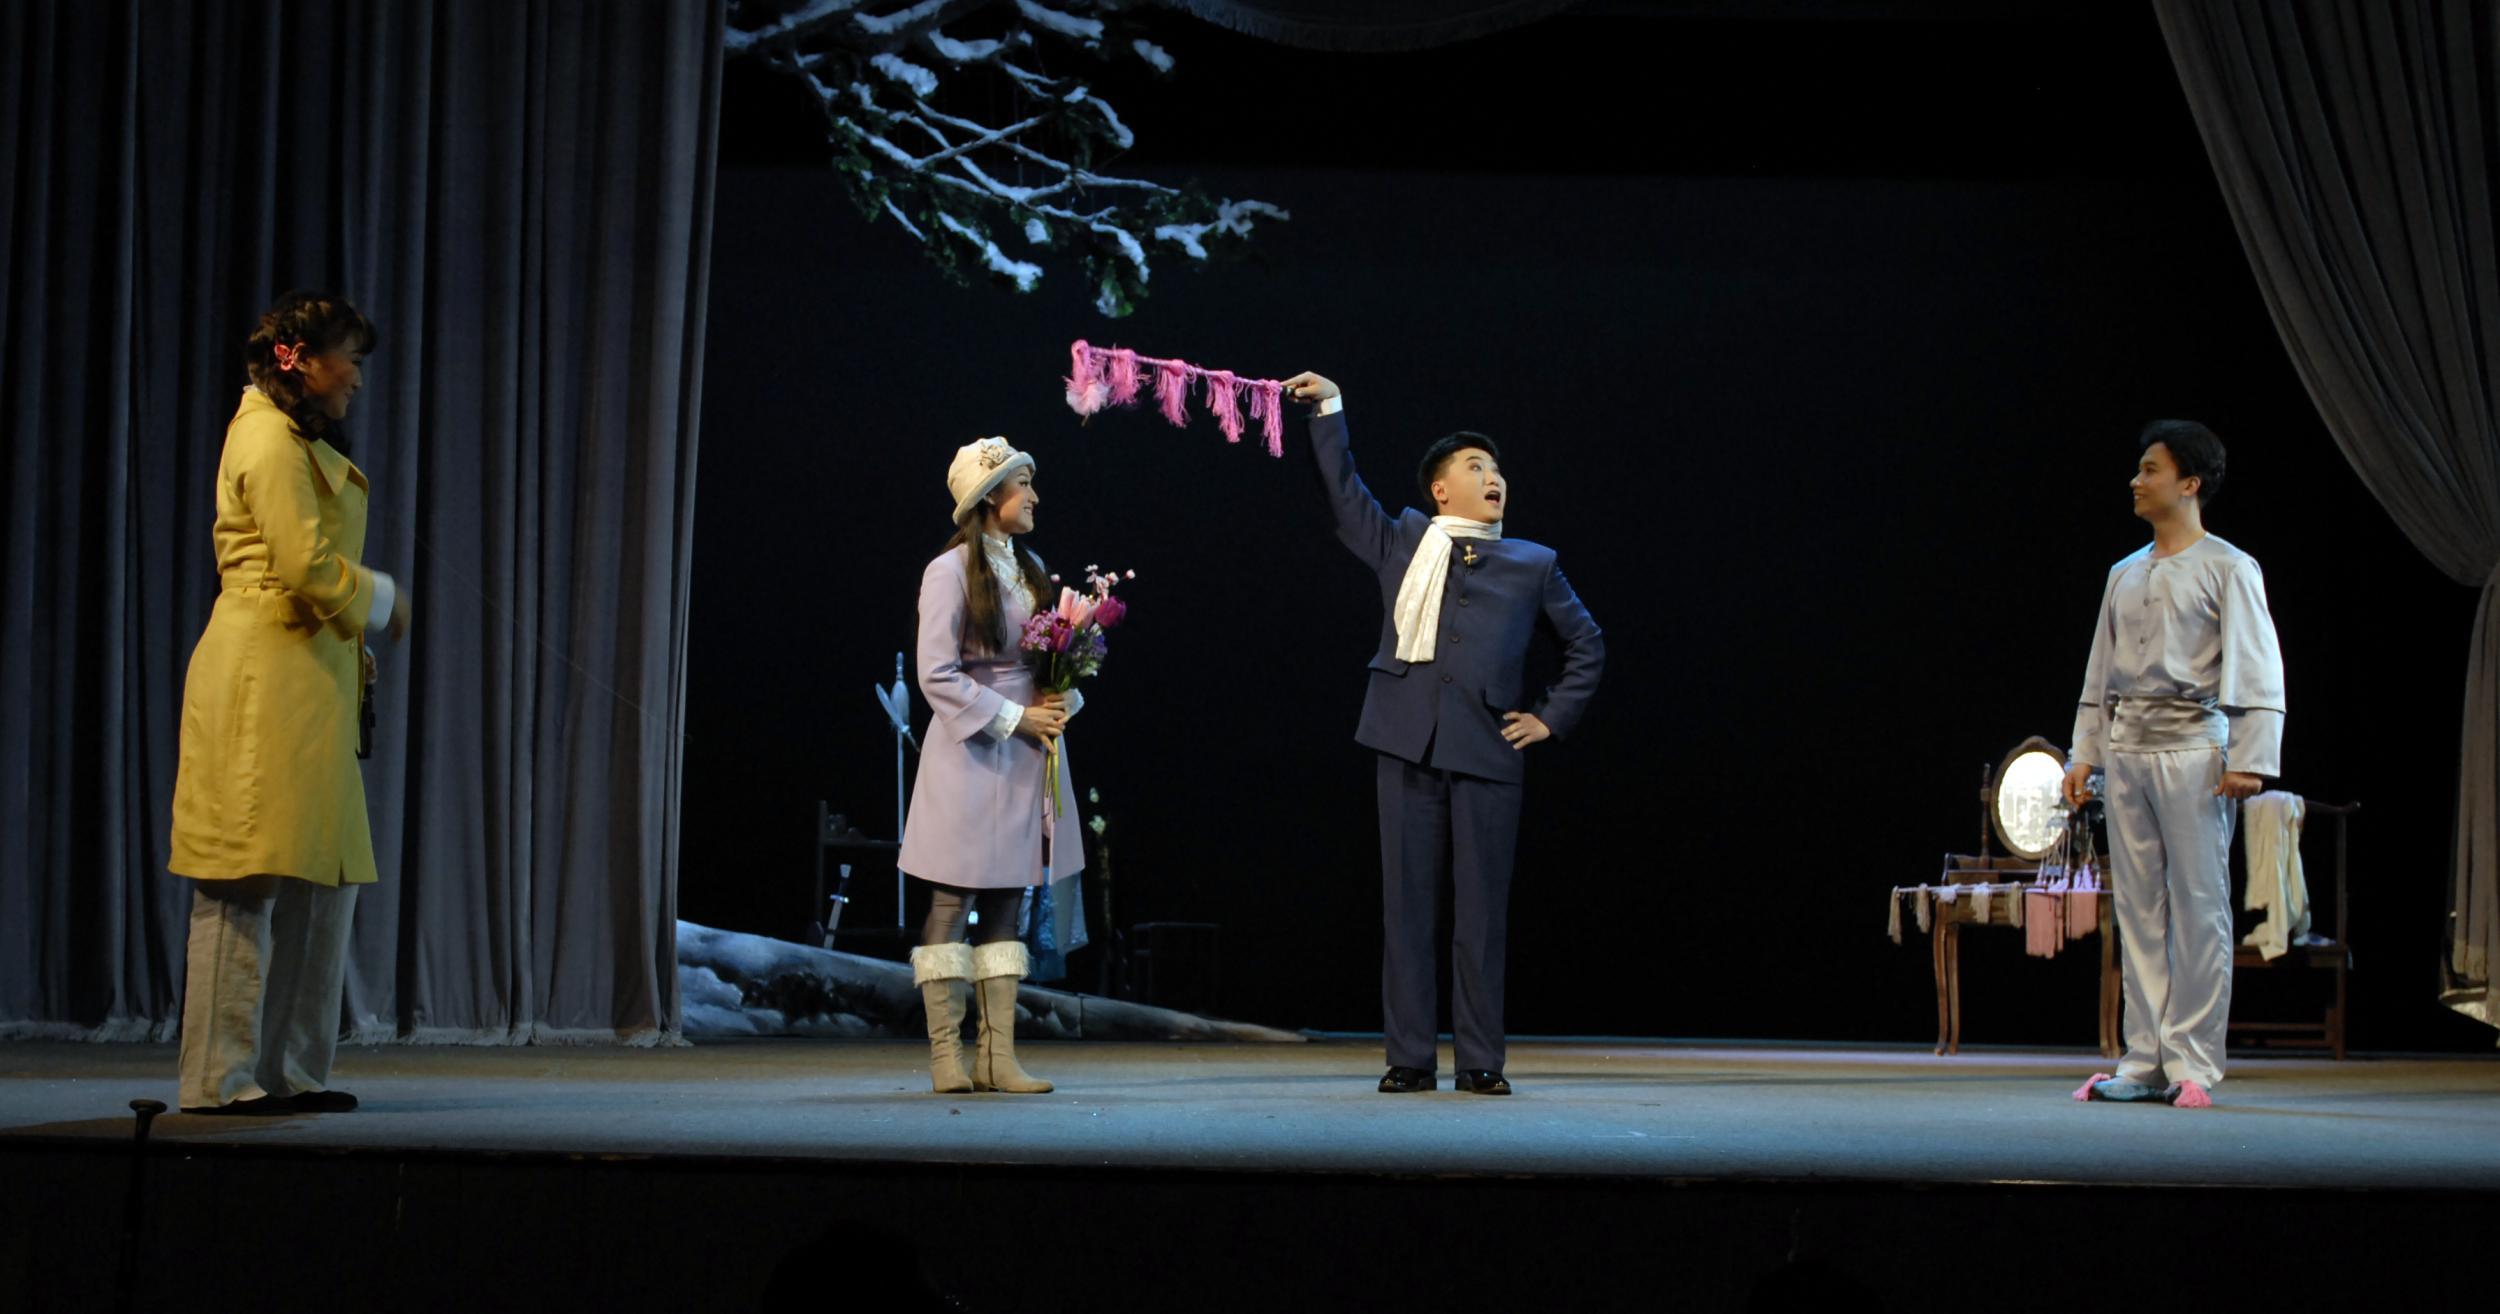 黑龙江省评剧院《风雪夜归人》剧照